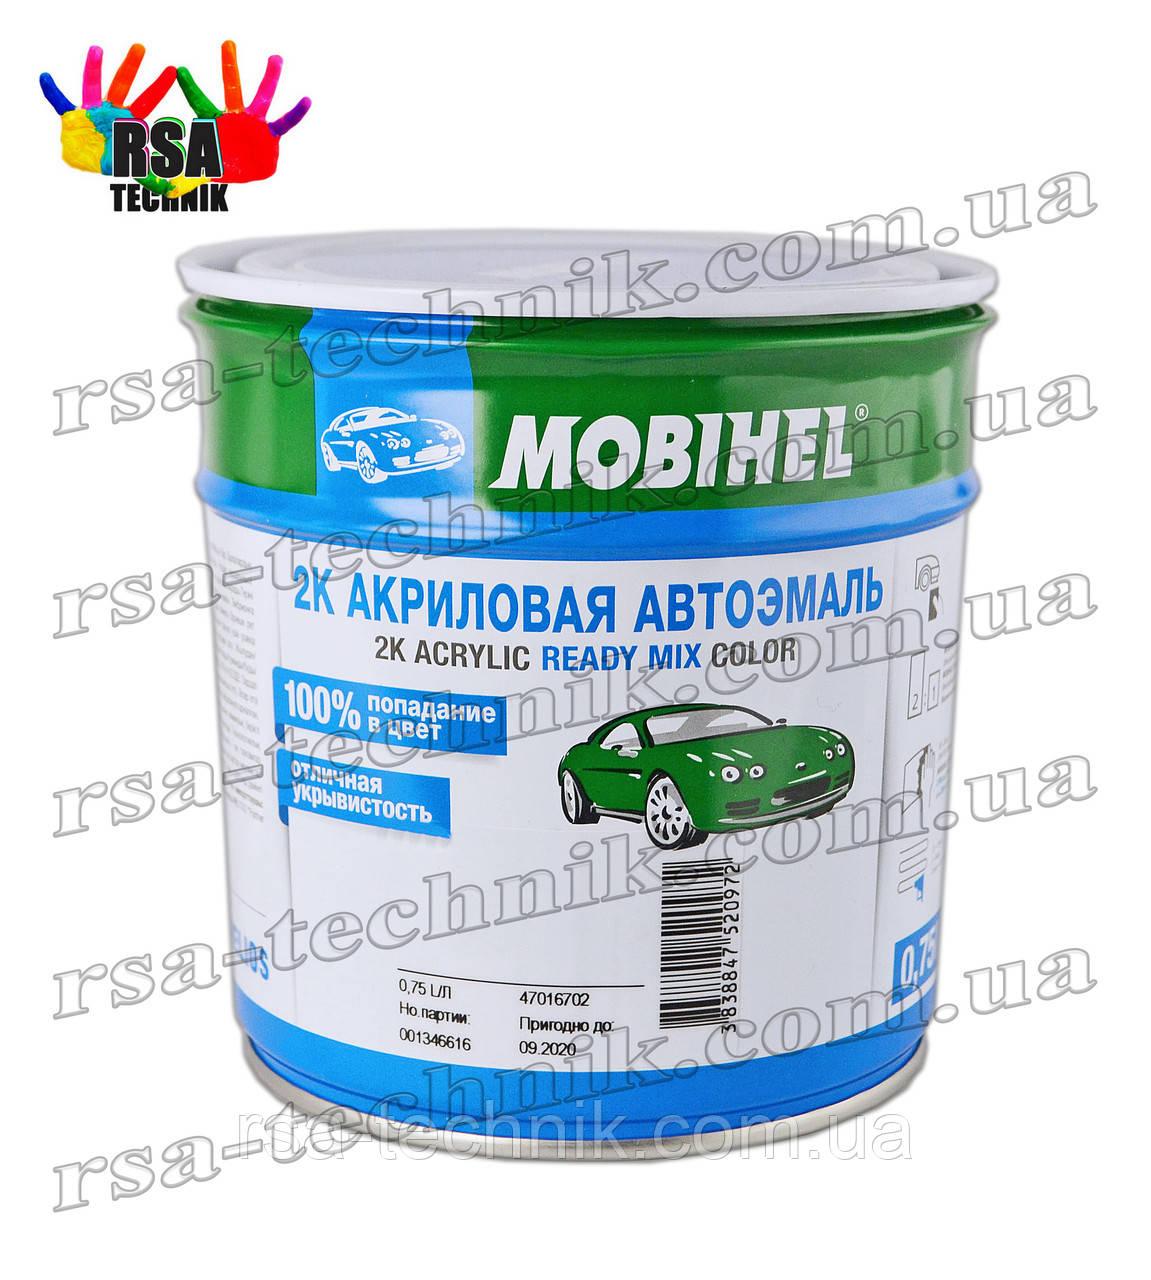 Акрилова емаль mobihel 0,75 л Бежева